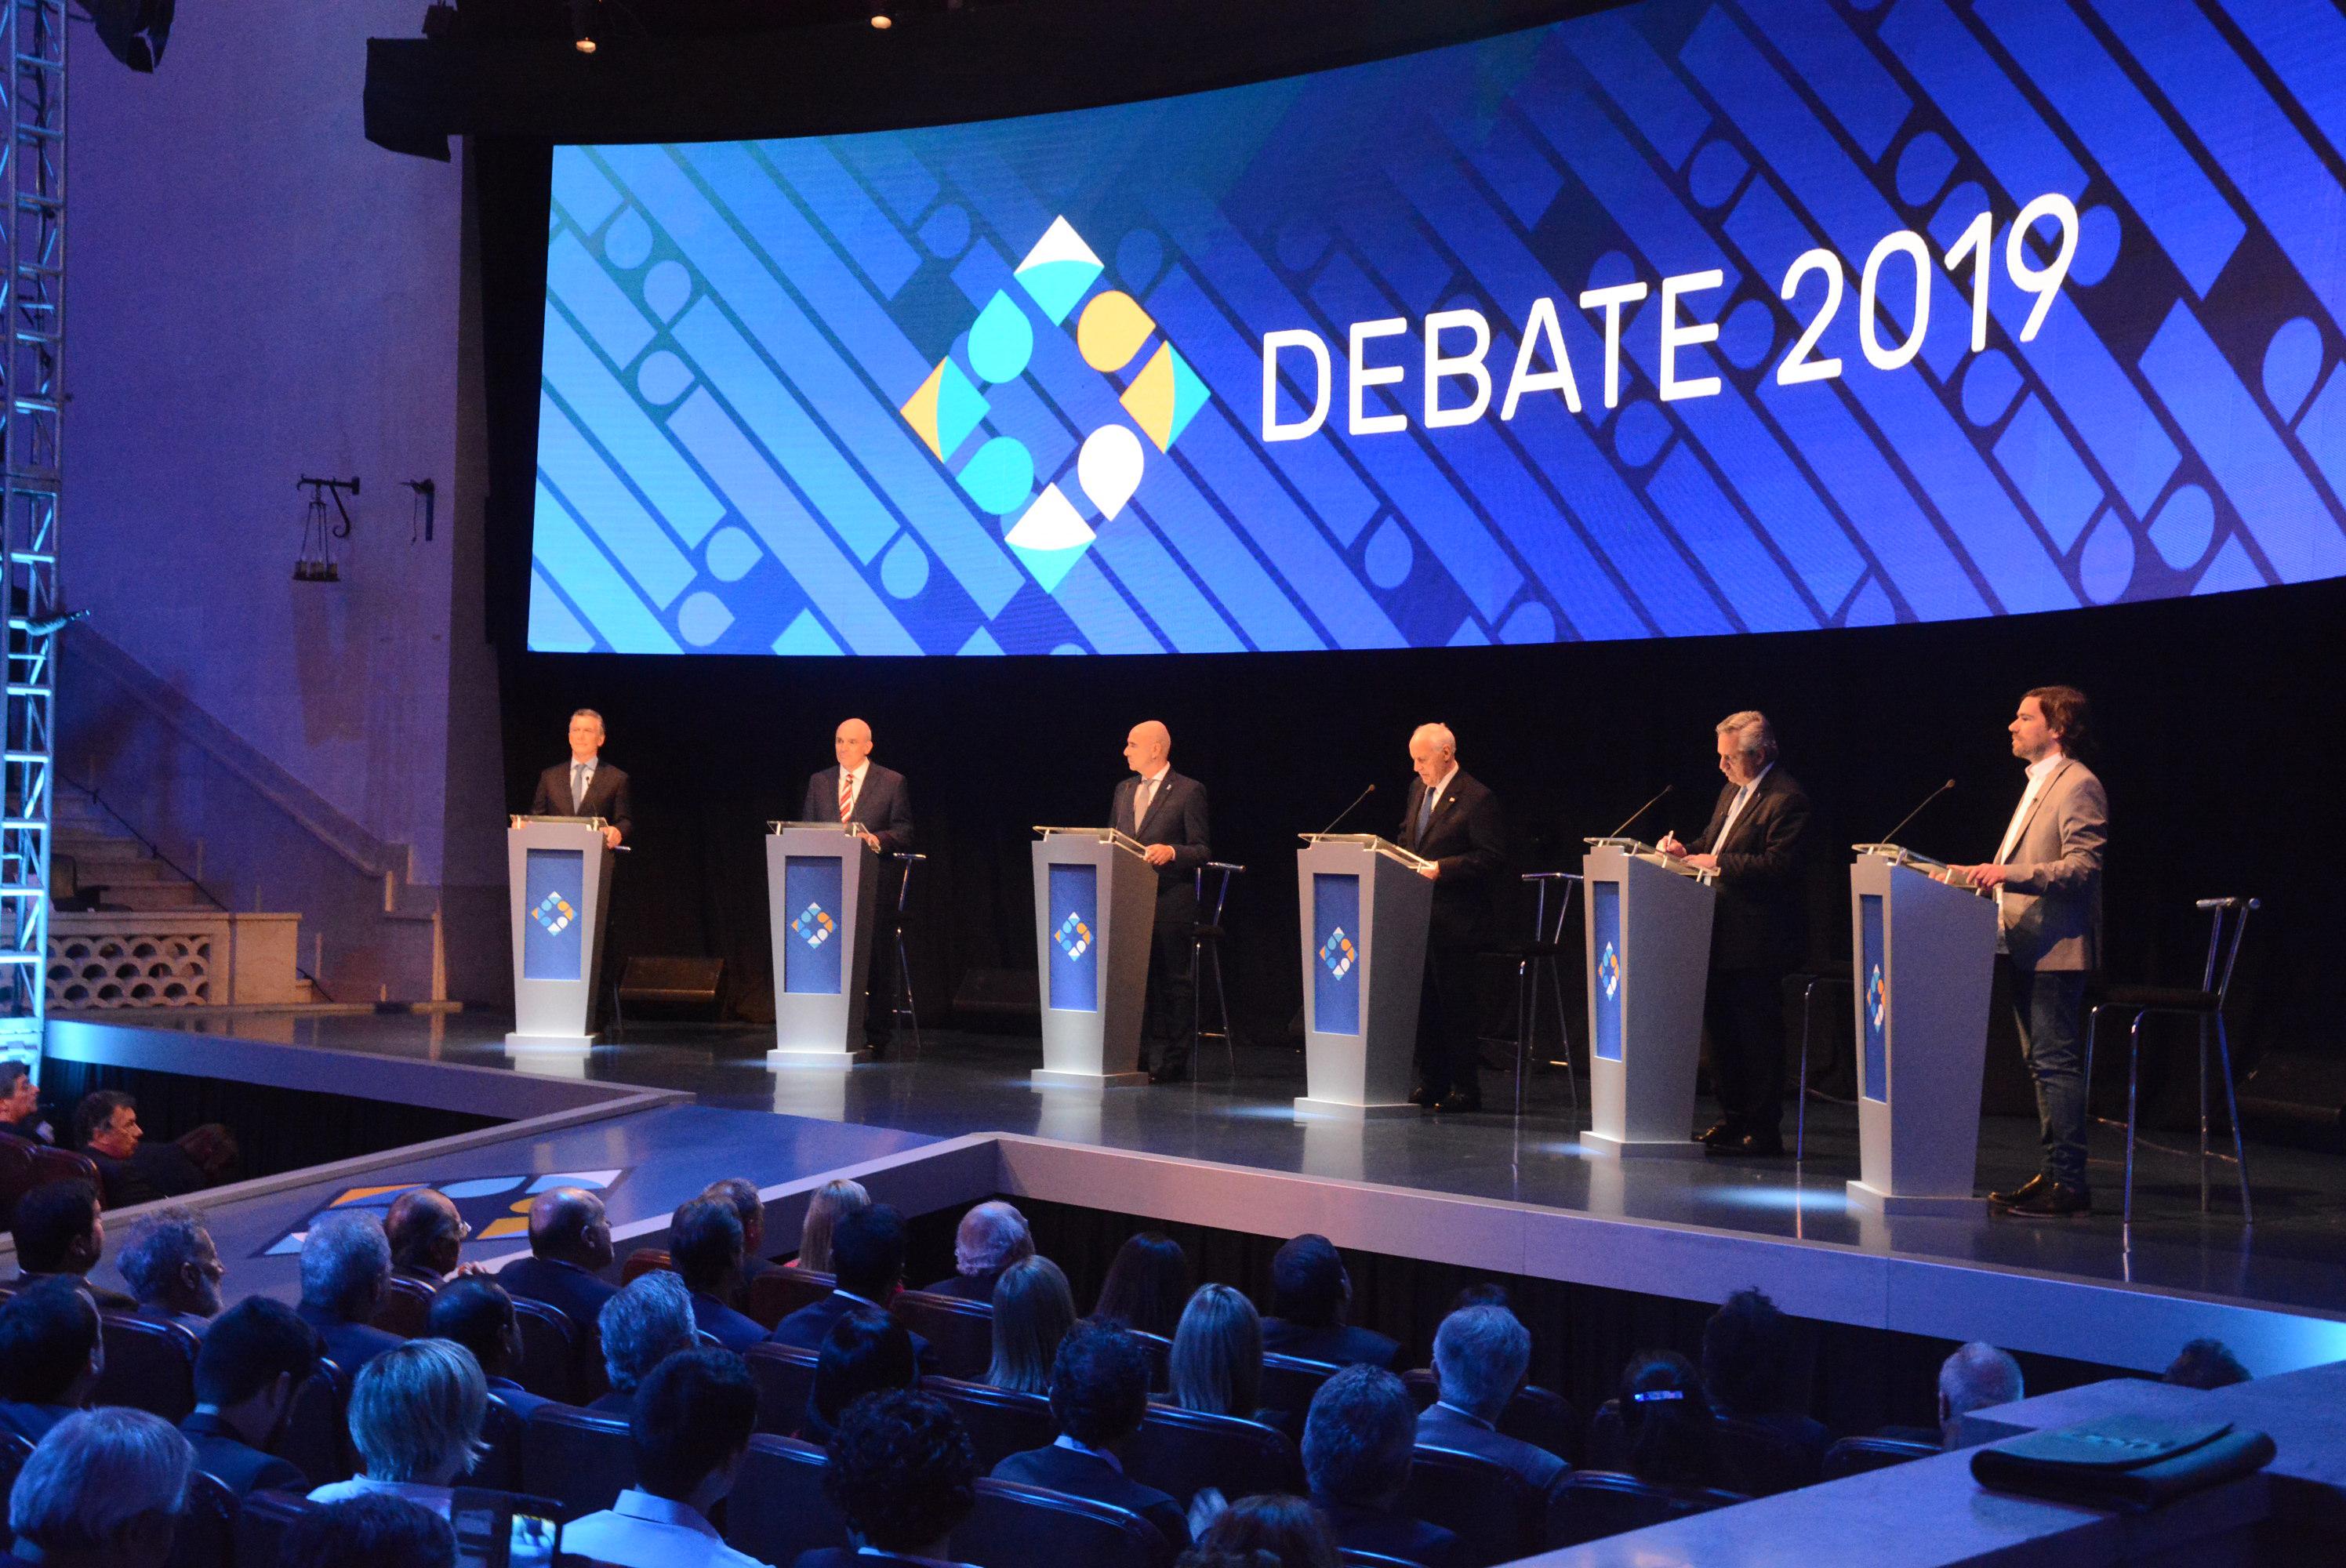 Los seis candidatos debatieron durante más de dos horas en Santa Fe